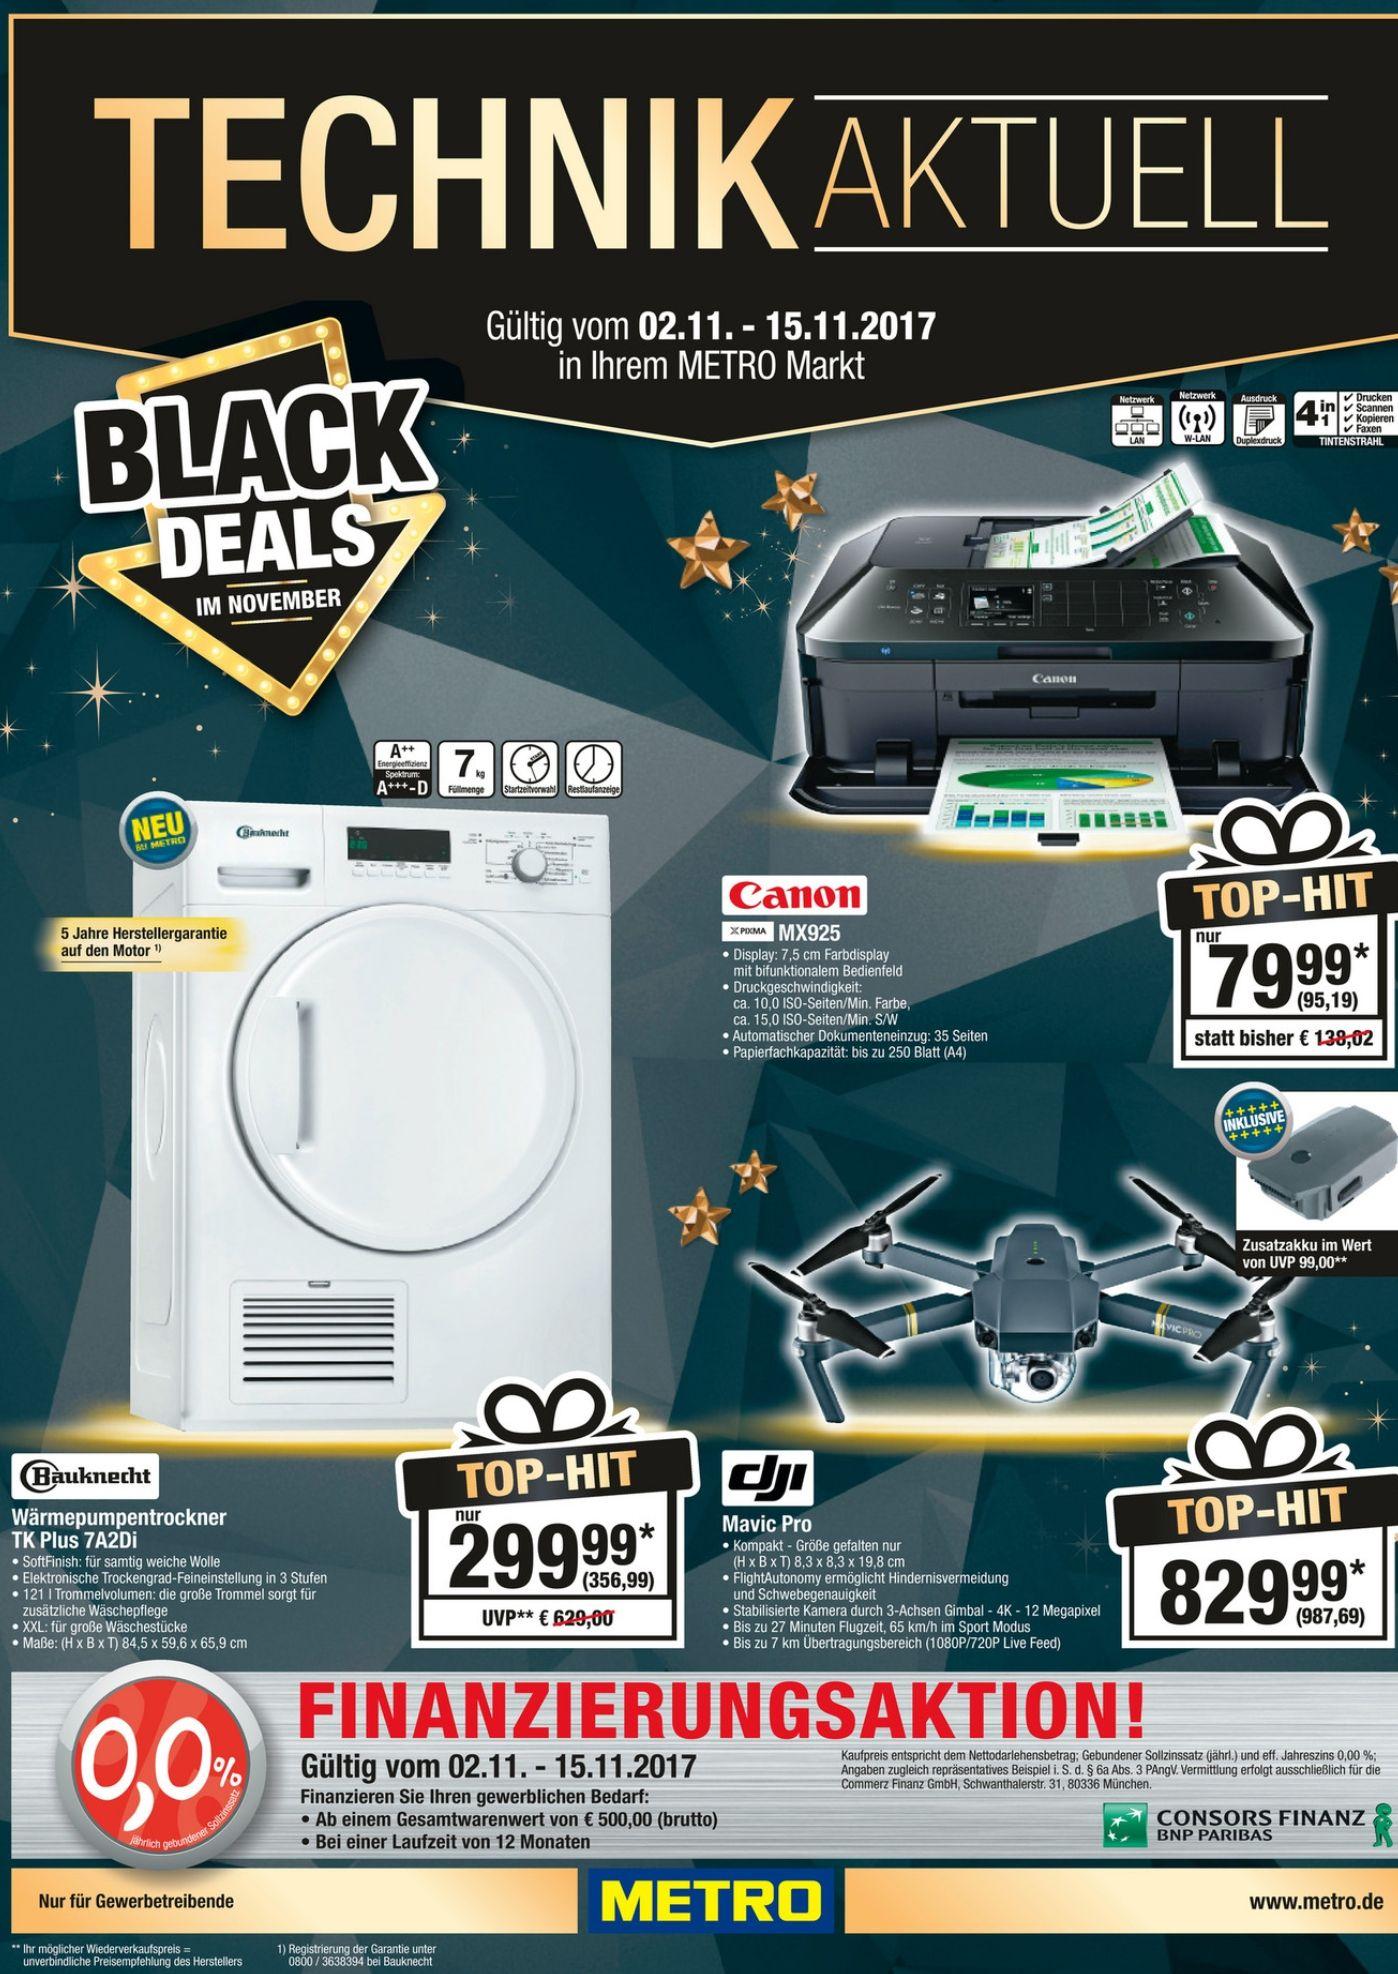 [Metro] Black Deals im November + DJI Mavic Pro + 2,5 HDD und vieles mehr